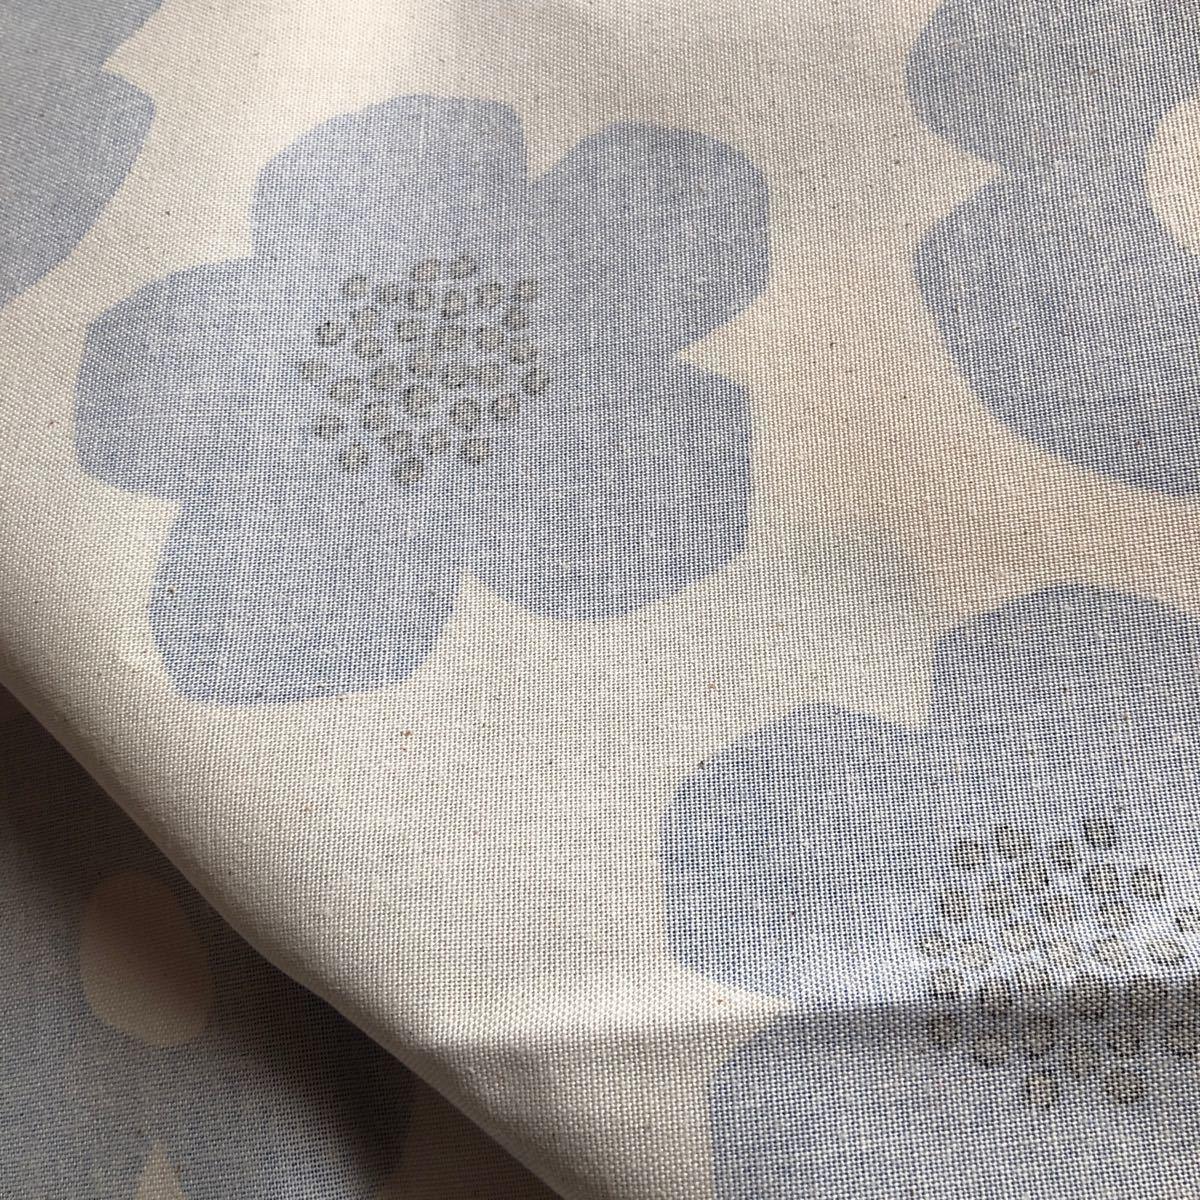 綿麻キャンバス生地 フラワーブルー KOKKA 110×100cm